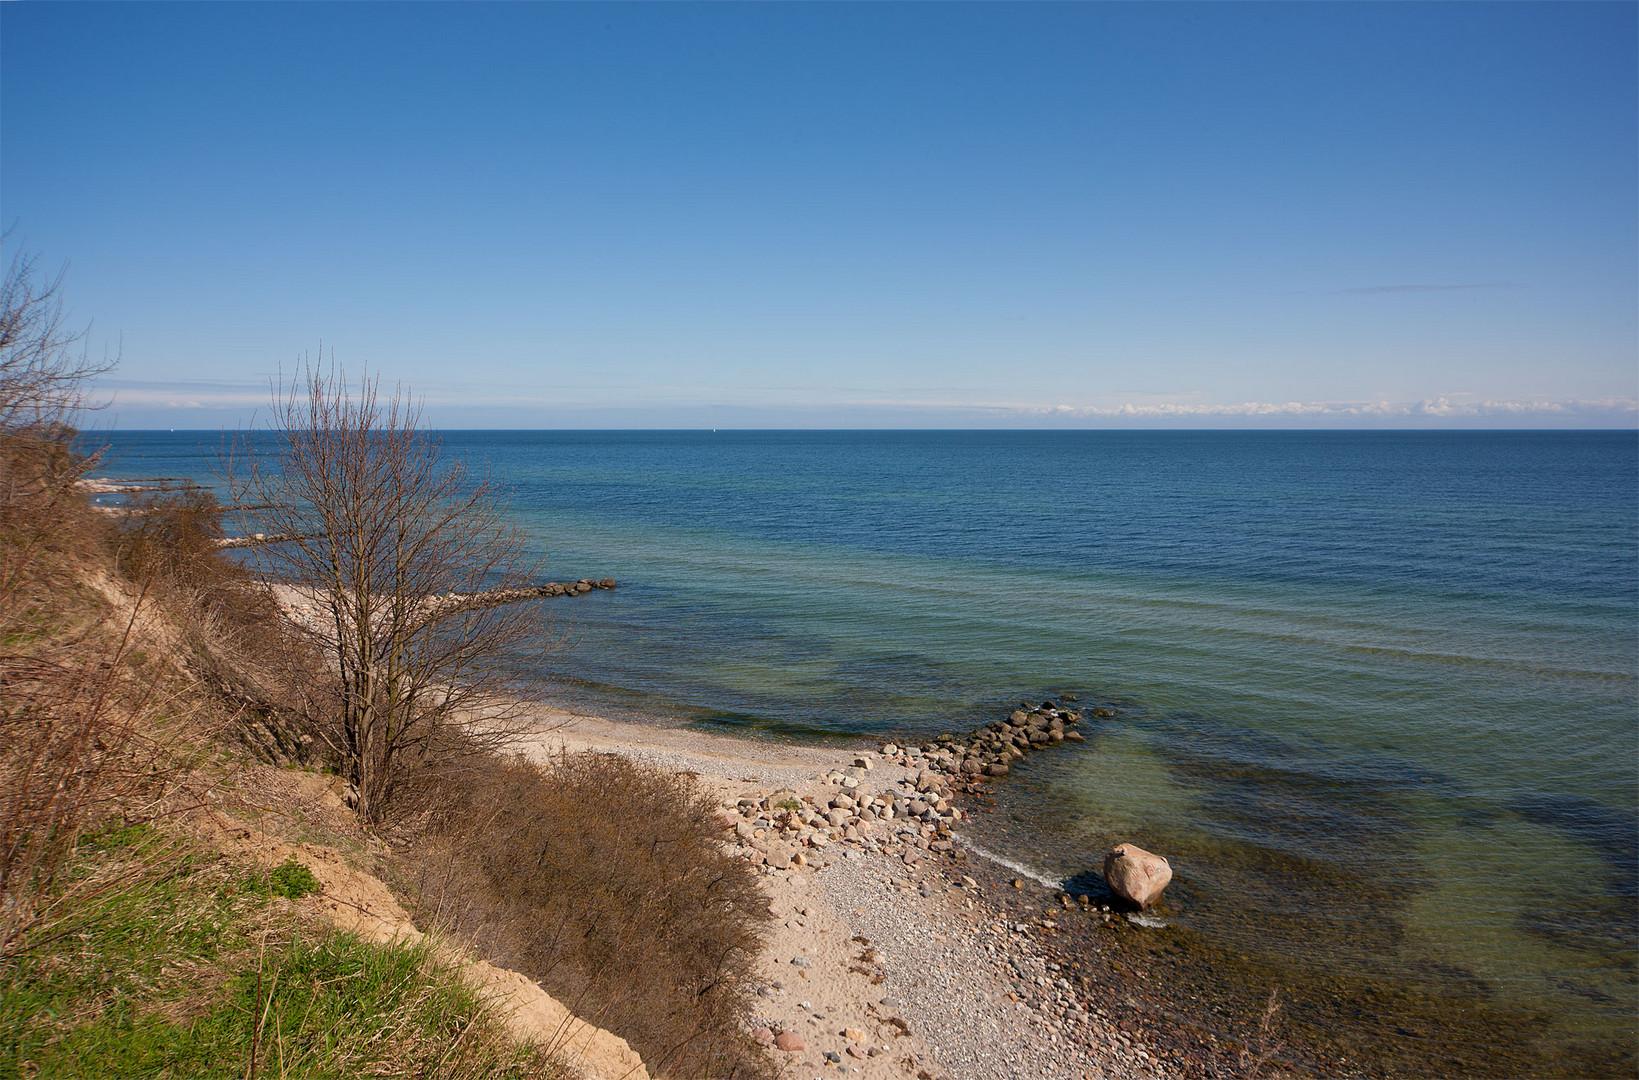 Ostsee in der Aprilsonne